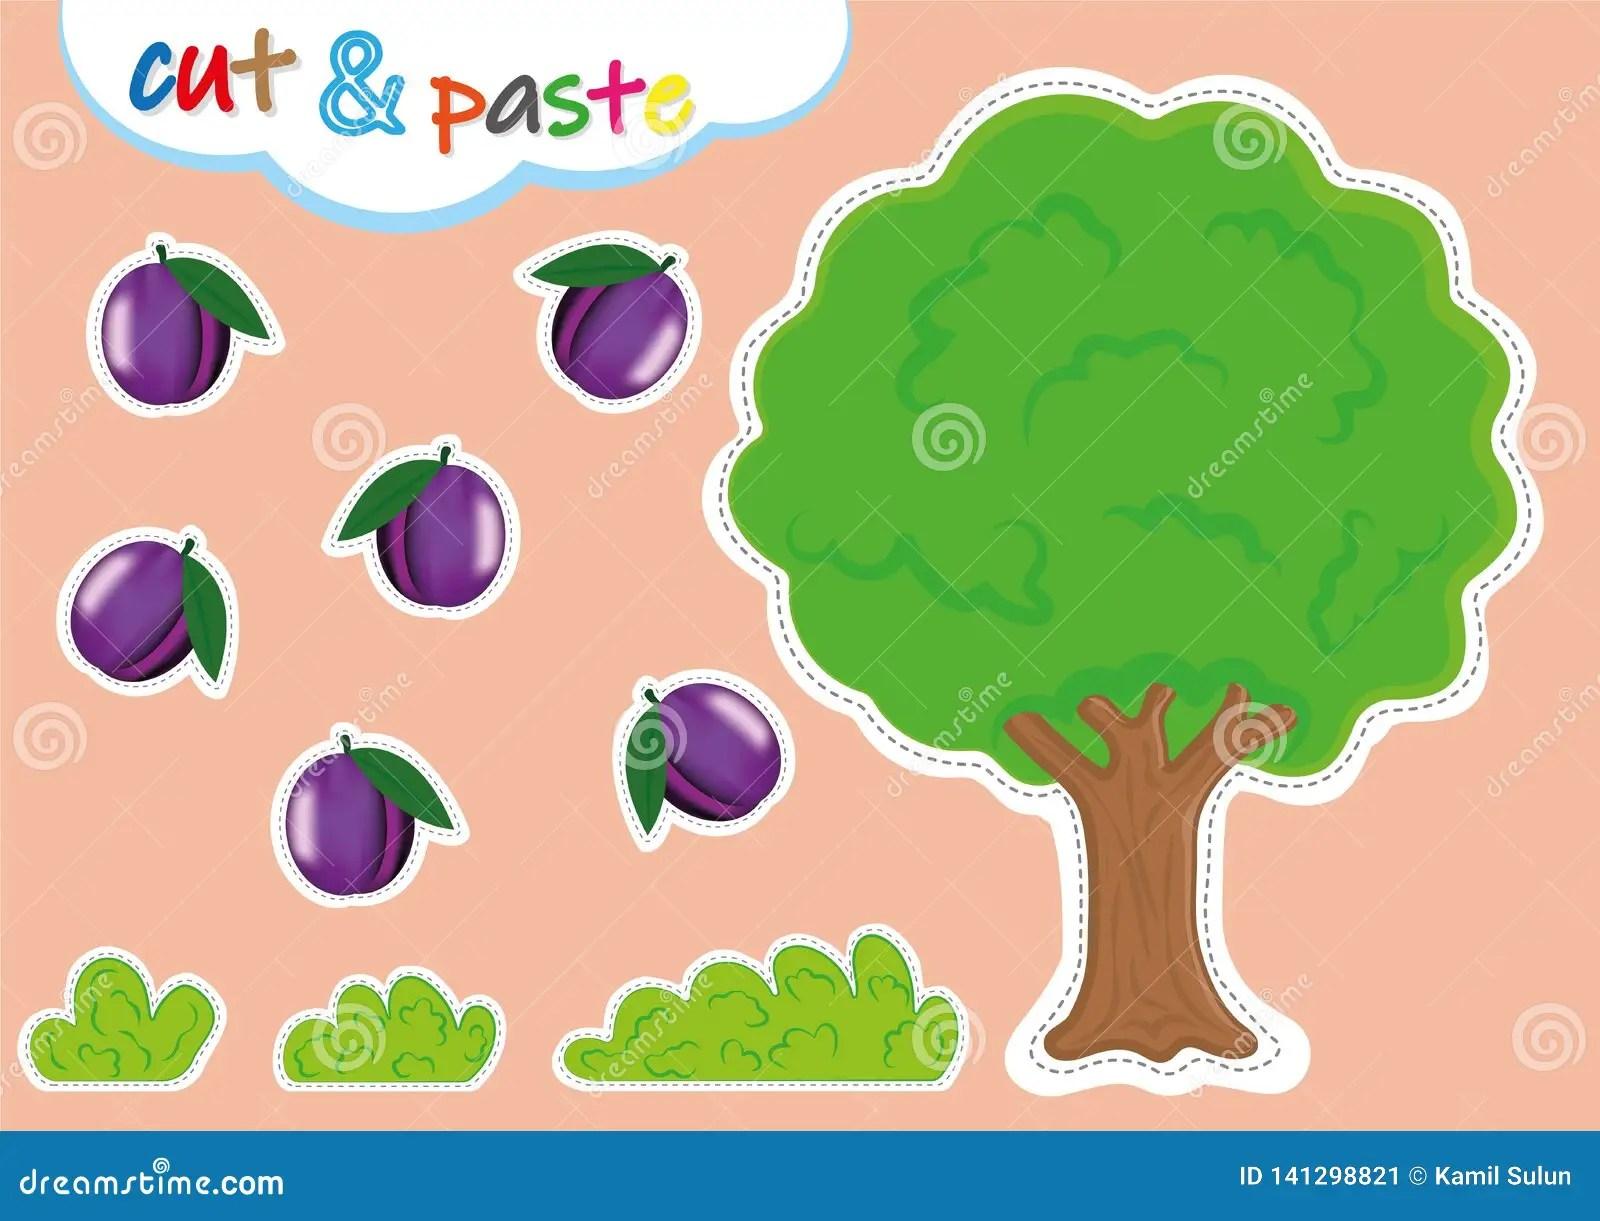 Cut And Paste Activities For Kindergarten Preschool